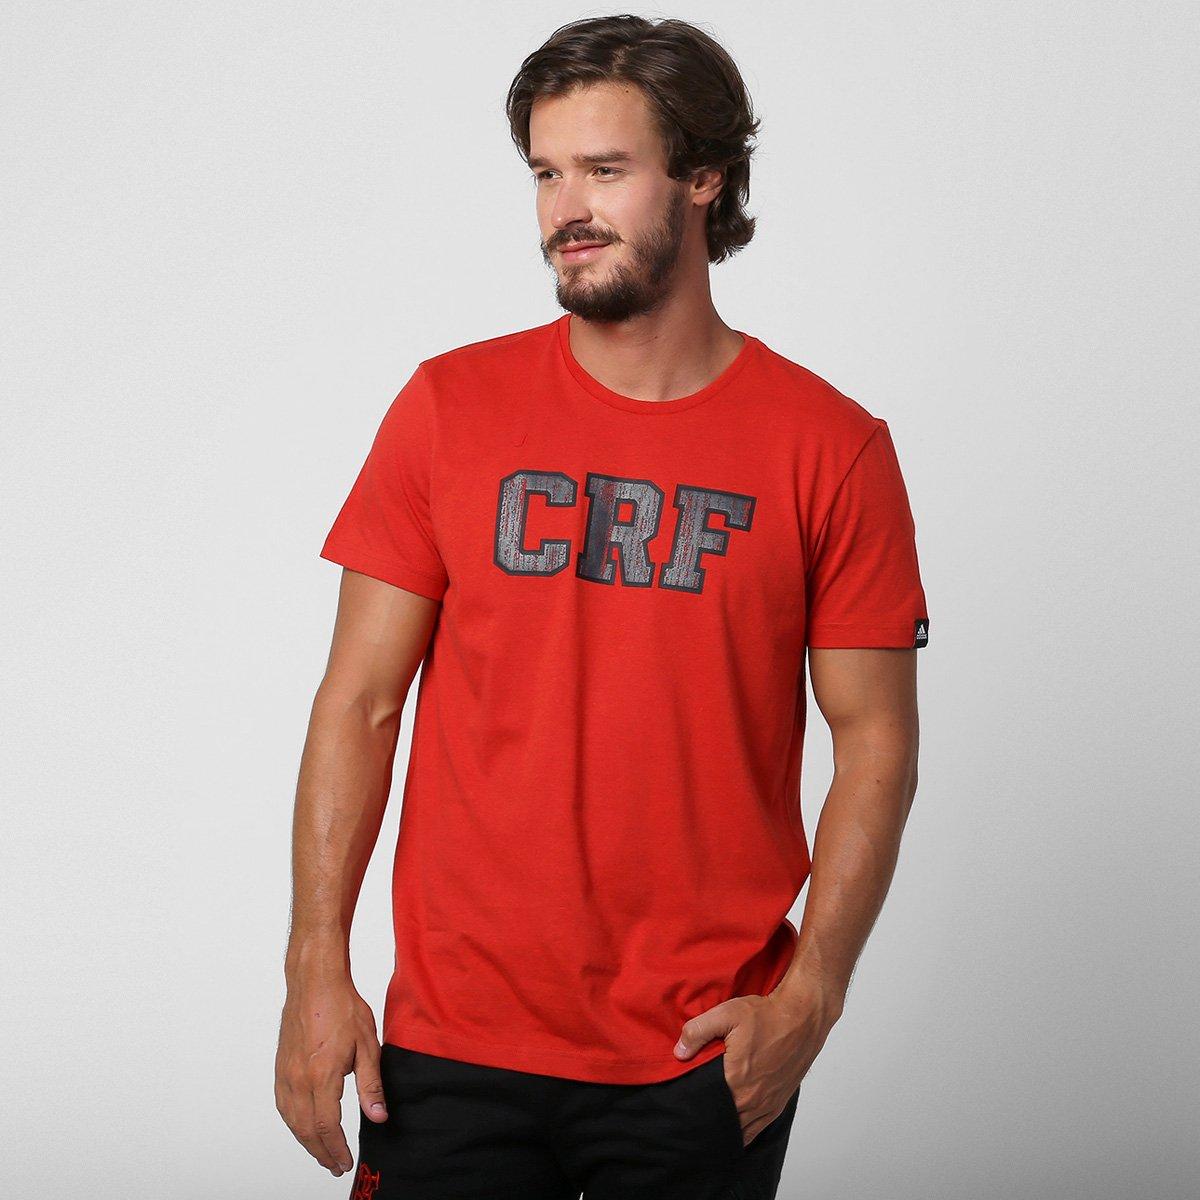 3a006e1c0b Camiseta Adidas Flamengo Gráfica - Compre Agora